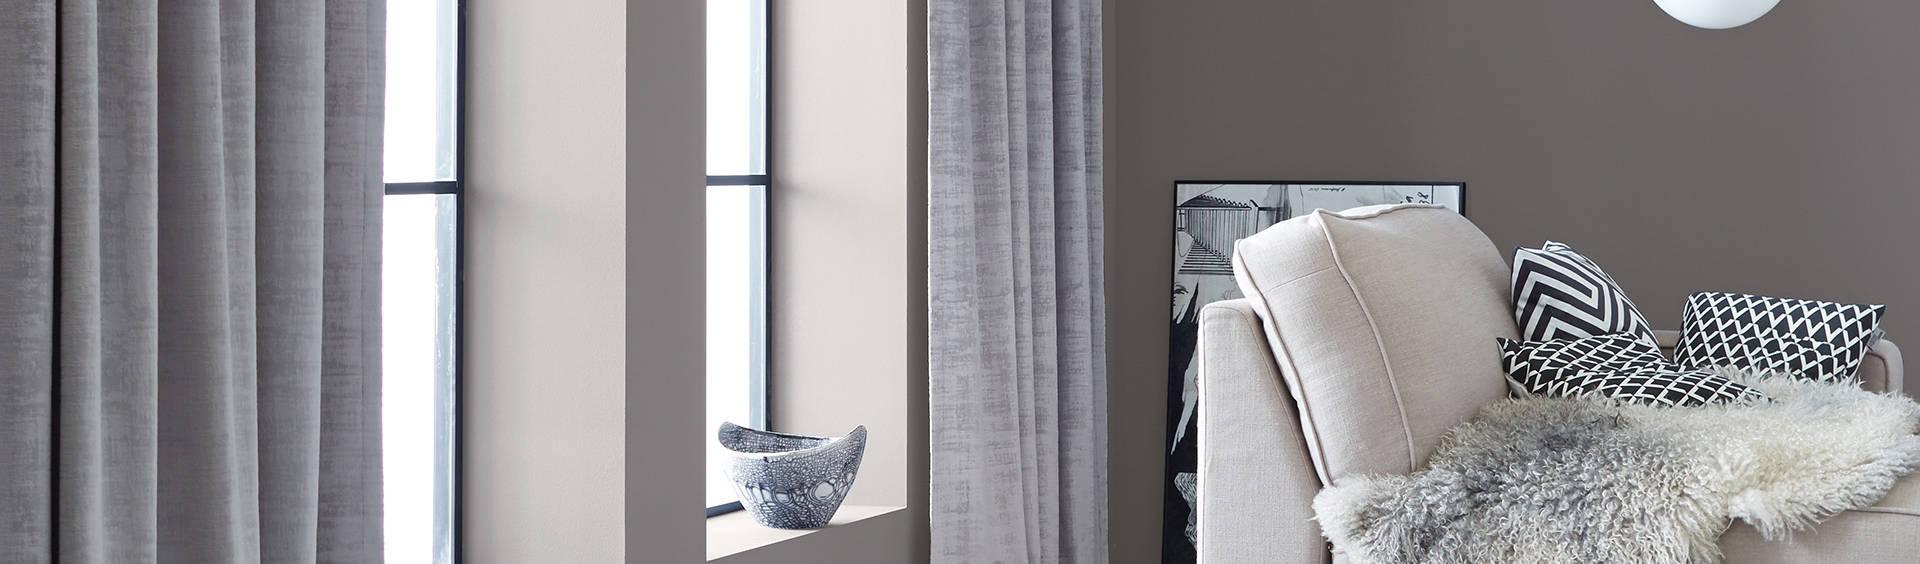 sch ner wohnen farbe trendfarben des jahres 2018 homify. Black Bedroom Furniture Sets. Home Design Ideas